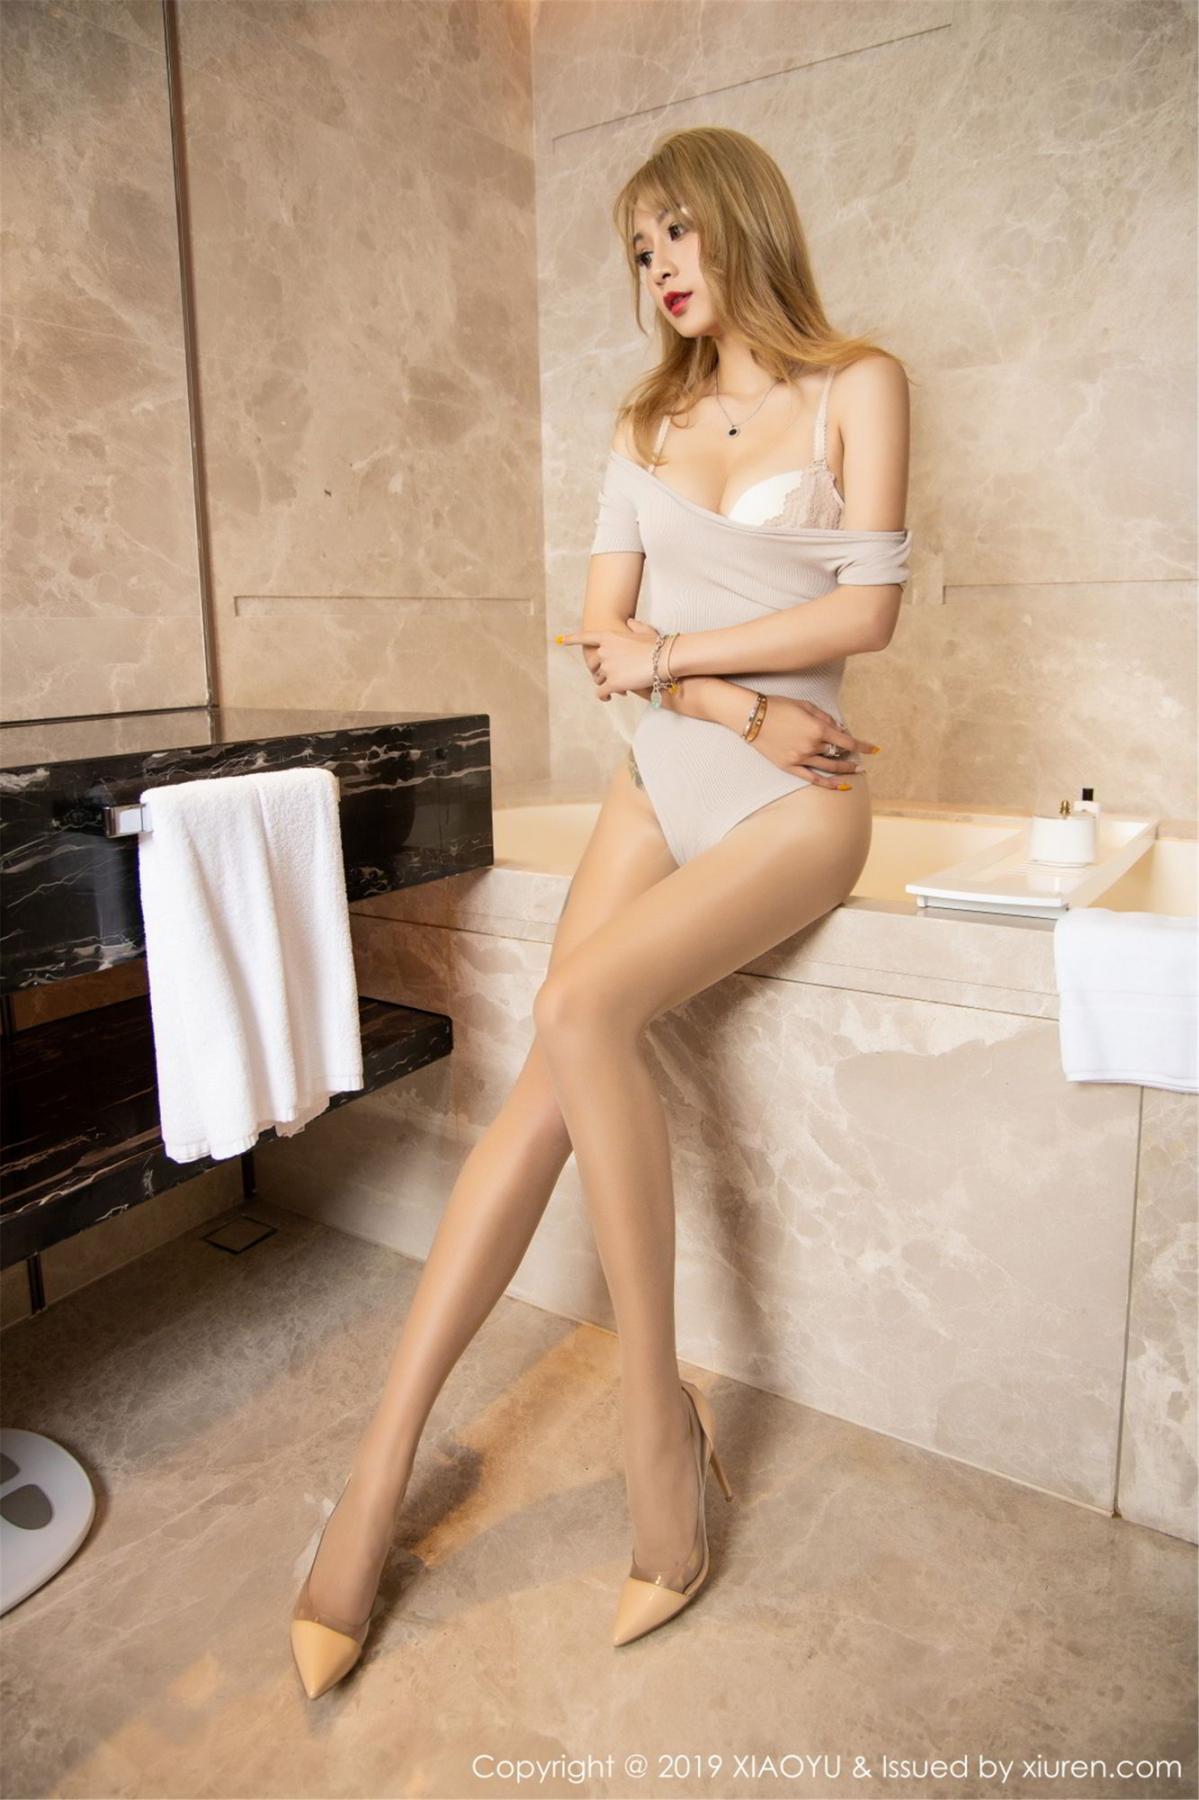 [XiaoYu] Vol.131 Feng Xi Wen 33P, Bathroom, Feng Xi Wen, Tall, Underwear, XiaoYu